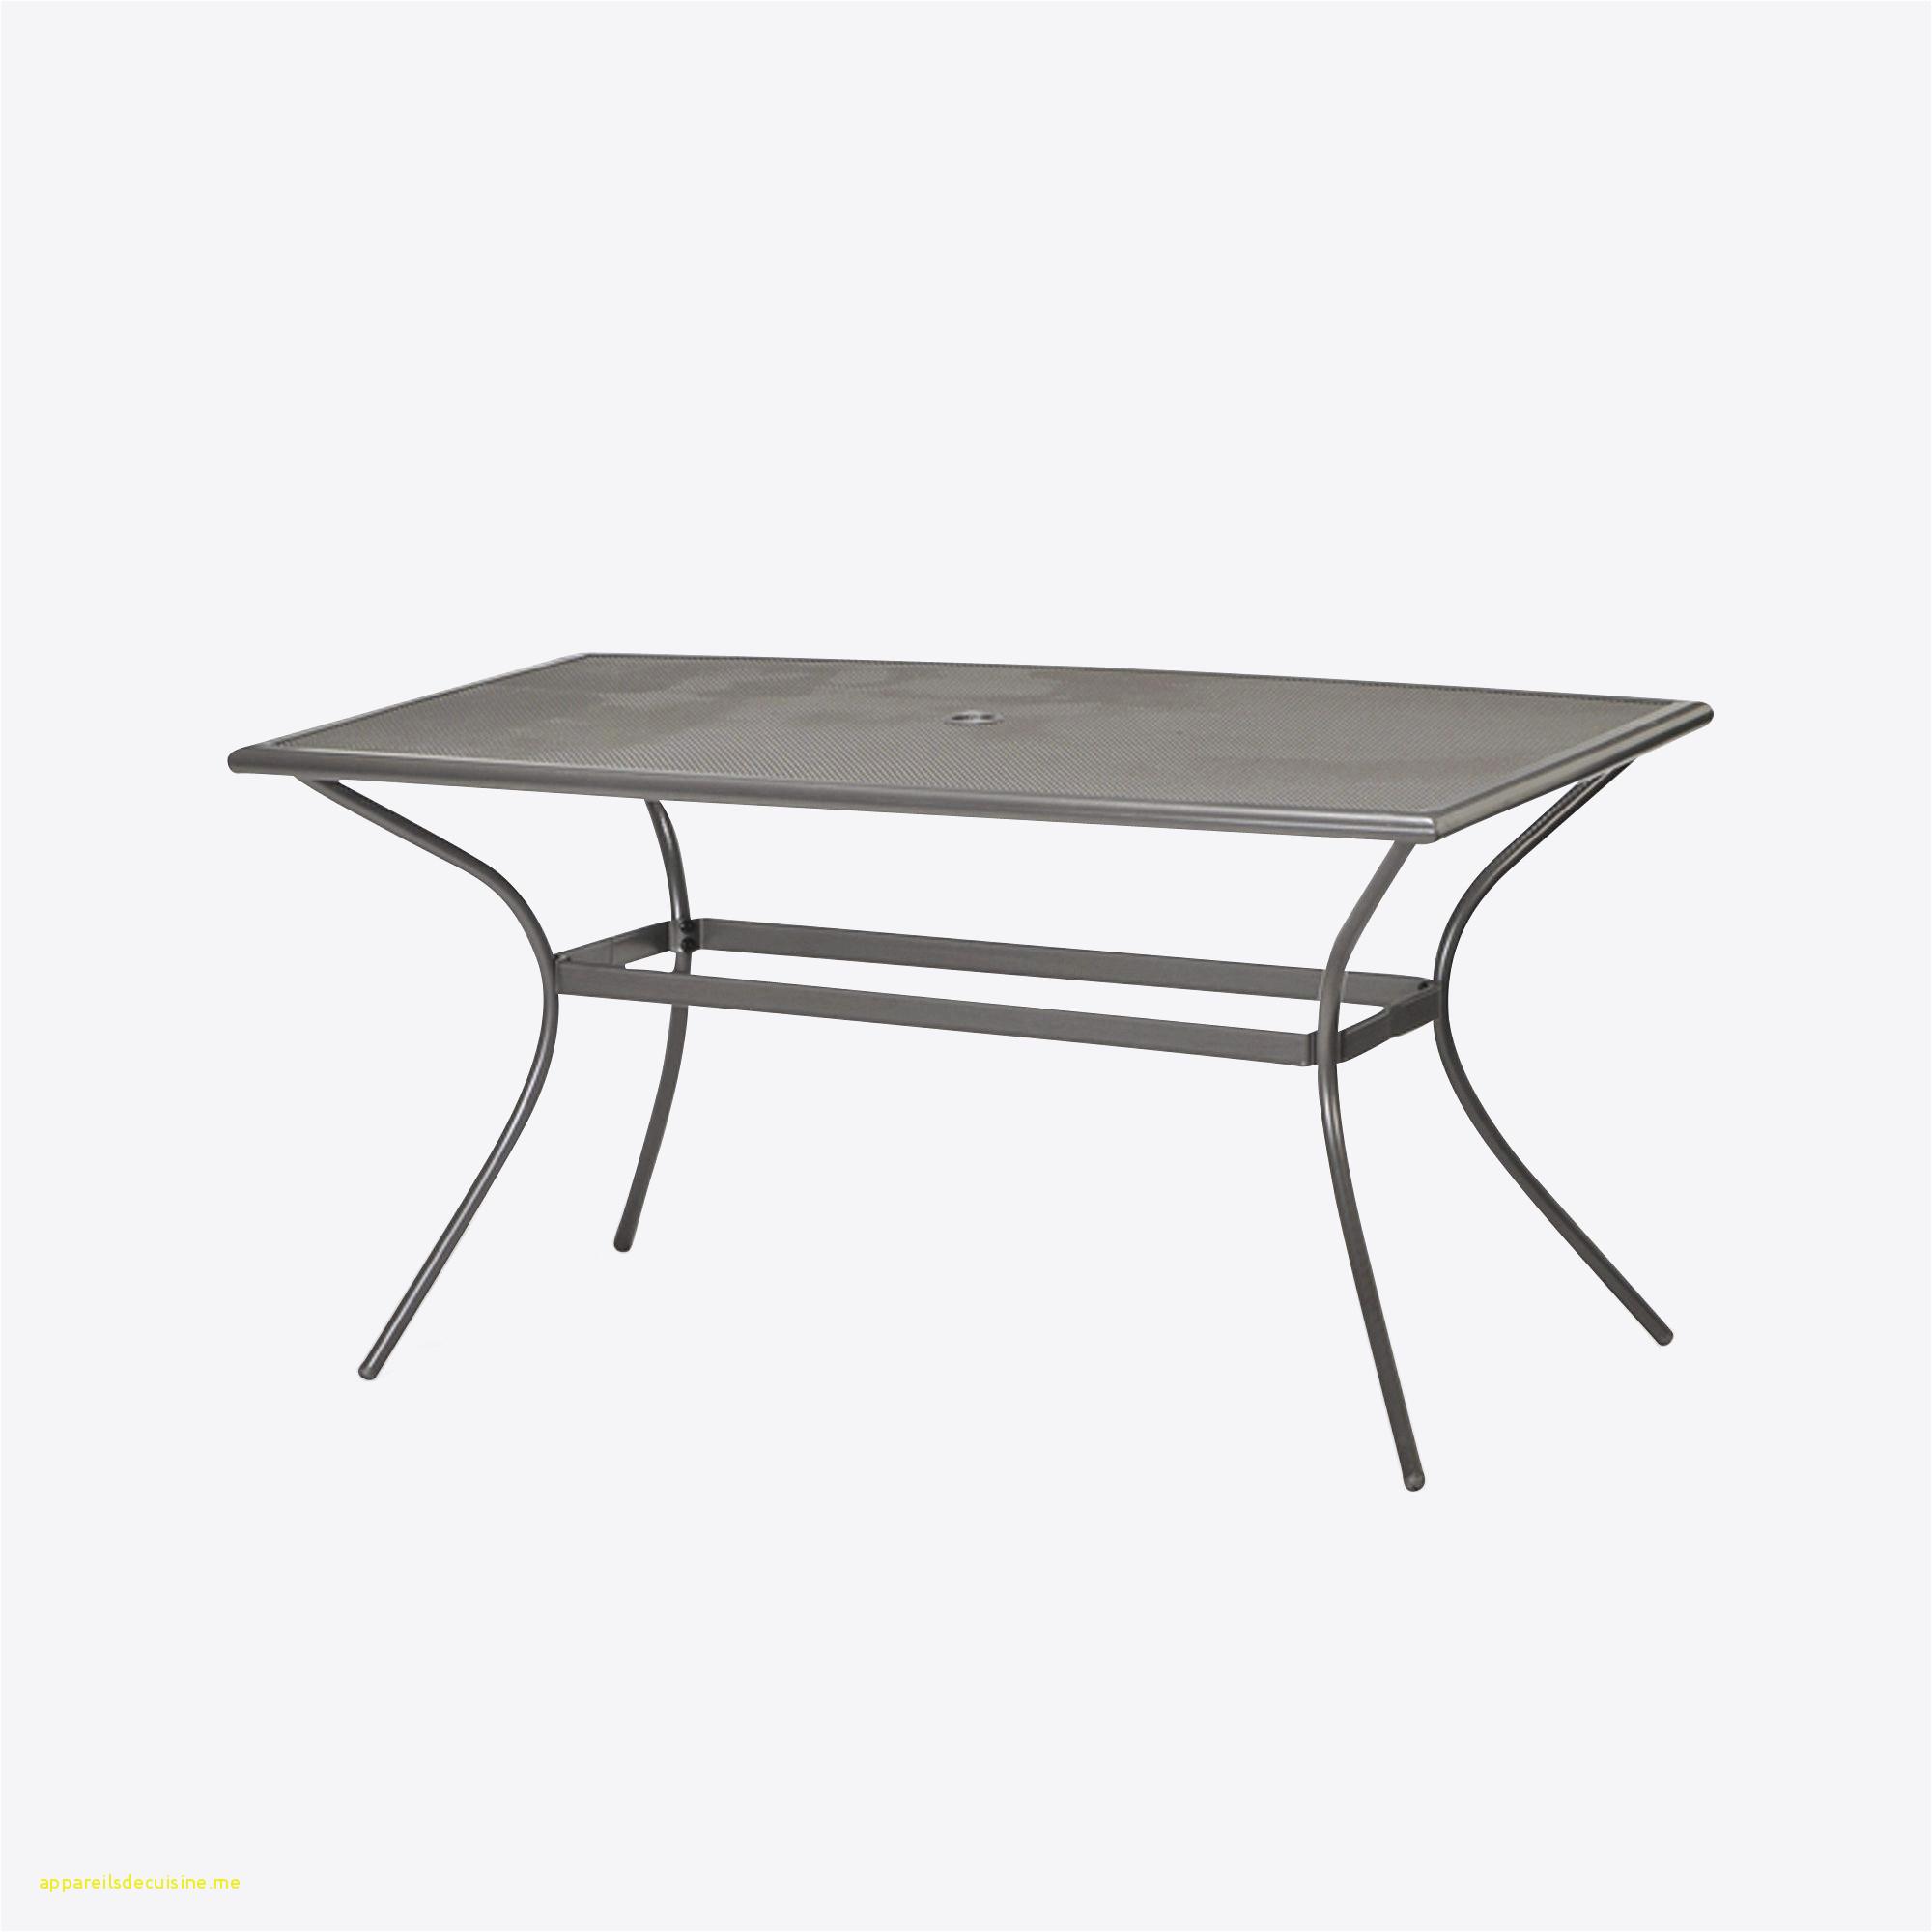 Table Pliante Carrefour Unique Images Résultat Supérieur Table Escamotable Merveilleux Table Et Chaise